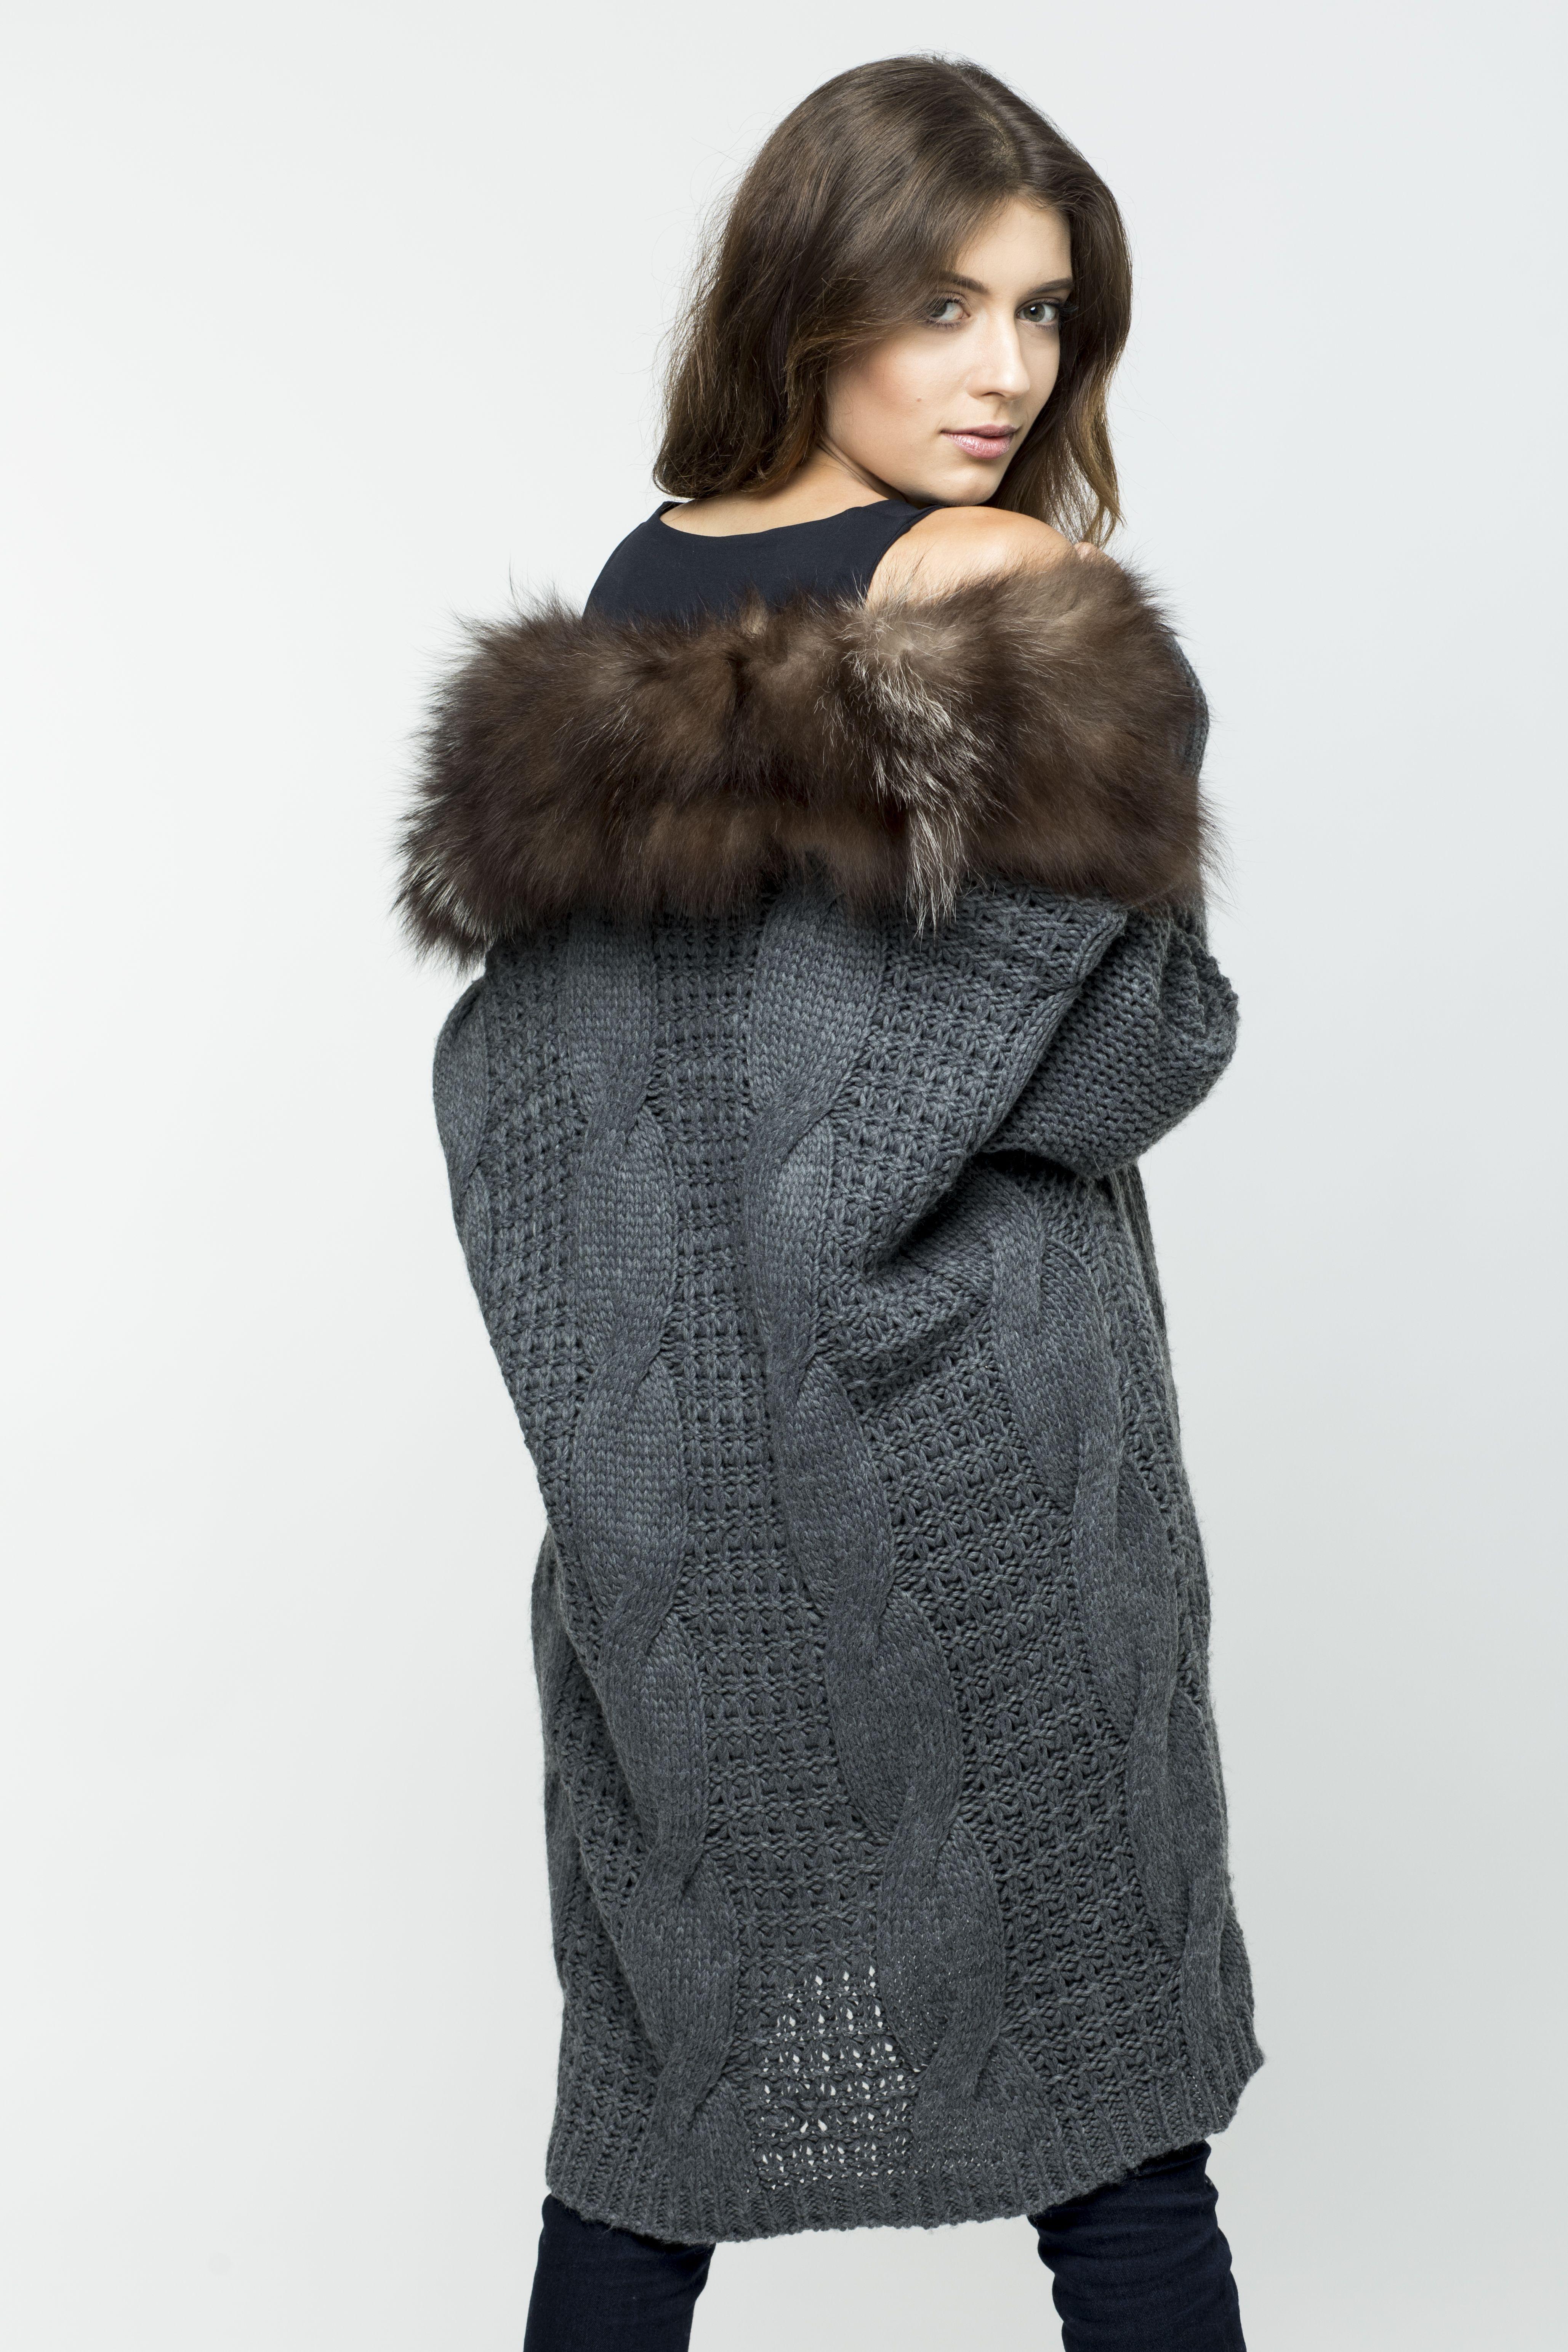 Odziez Z Dodatkiem Futra Kolnierz Futro Naturalne Wool Coat Coat Fashion